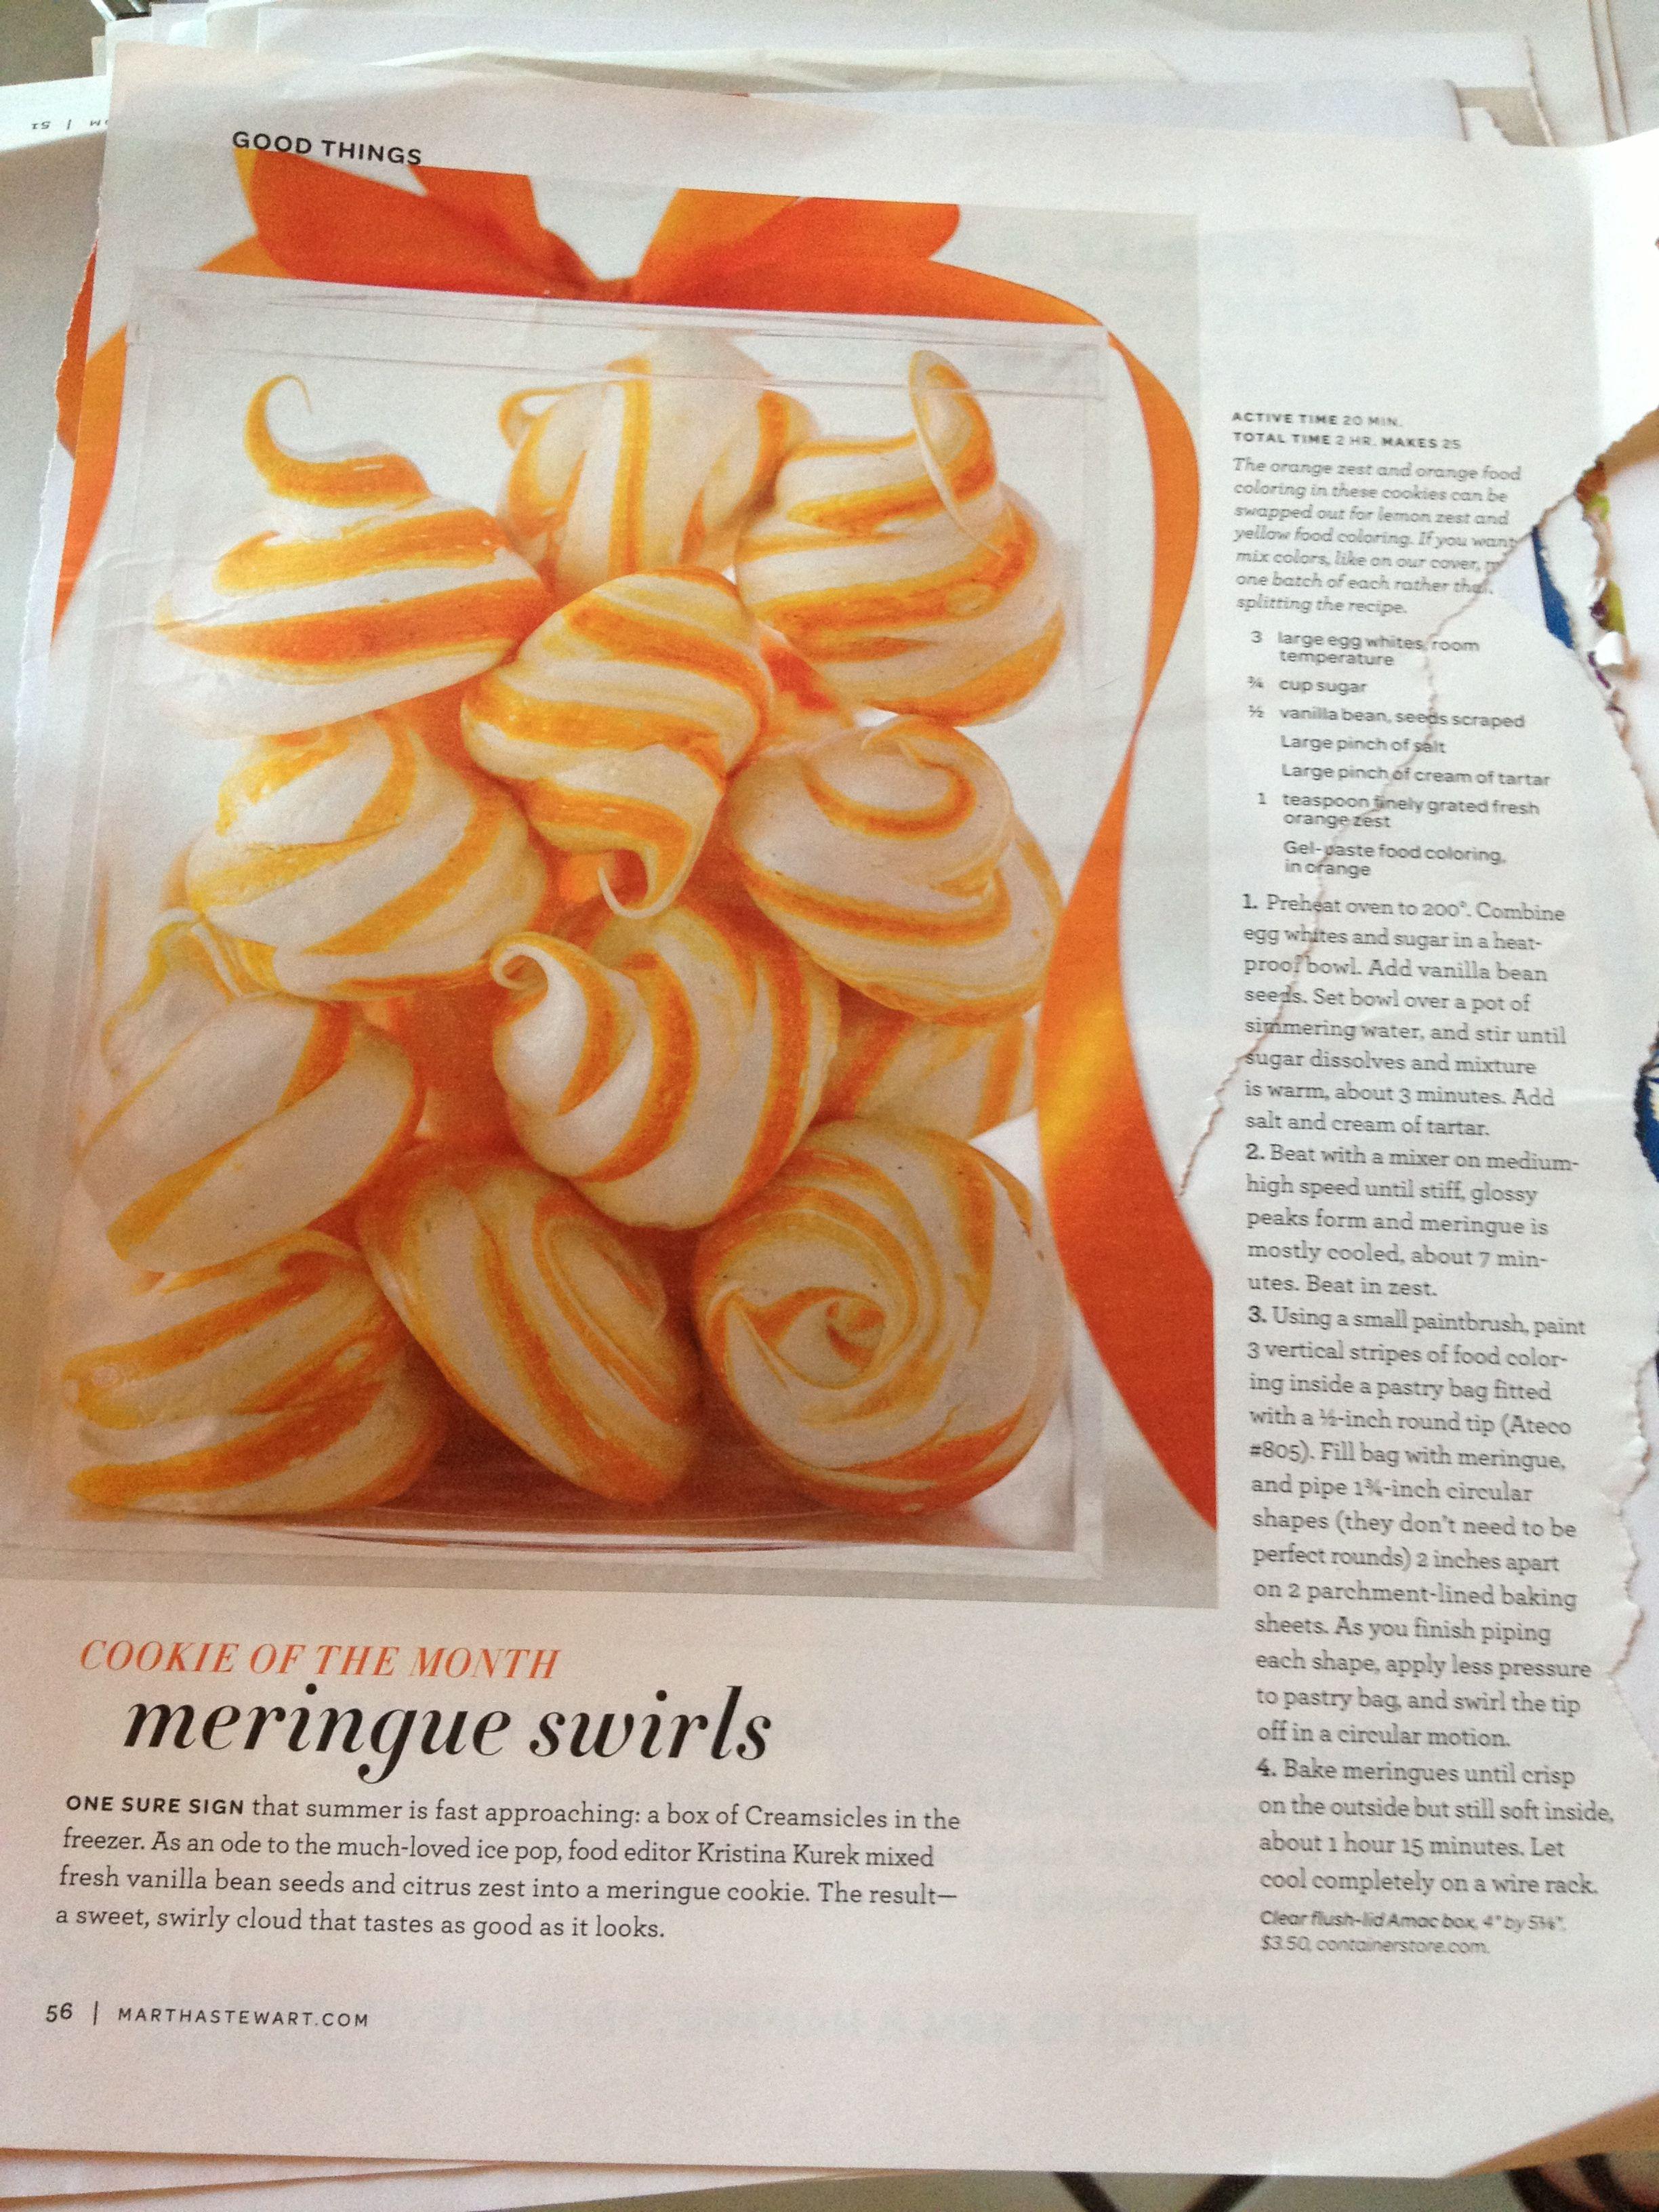 meringue swirls | Cake design + desserts | Pinterest